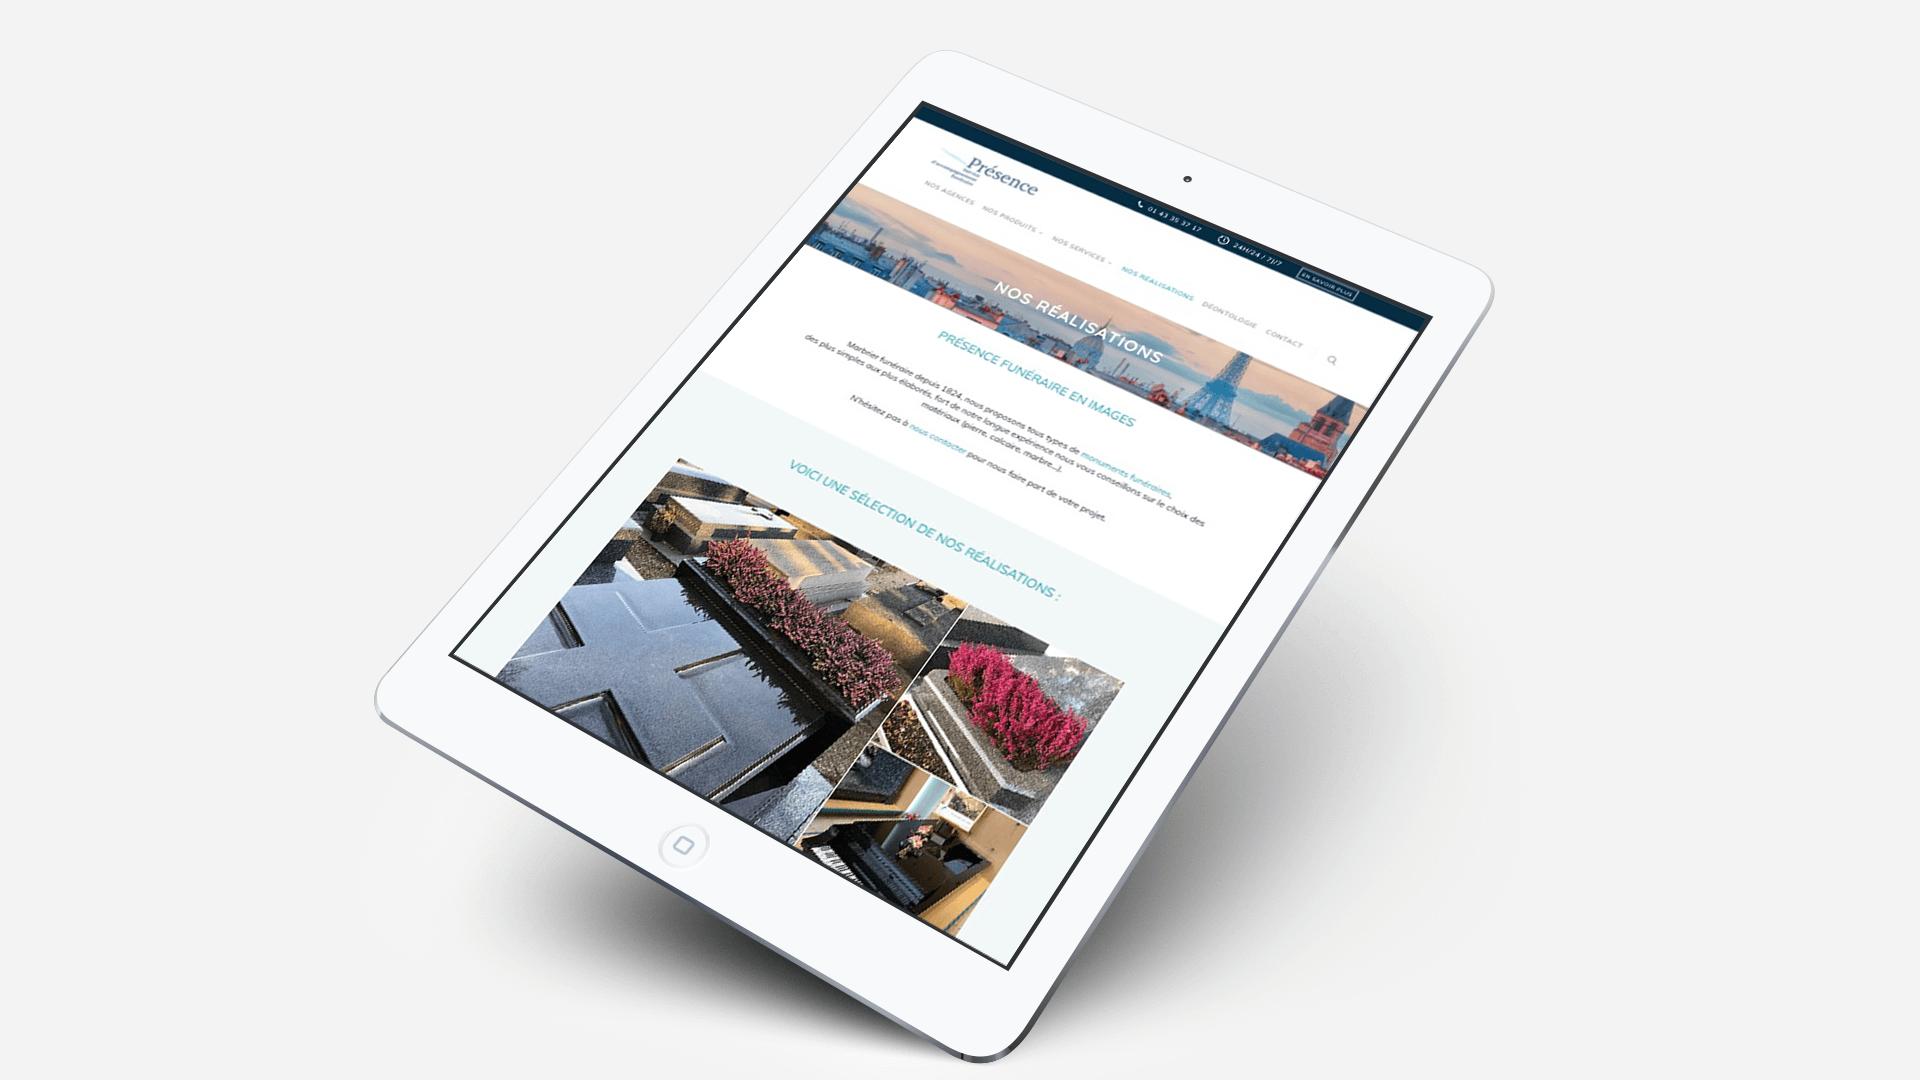 site Présence Funéraire sur tablette